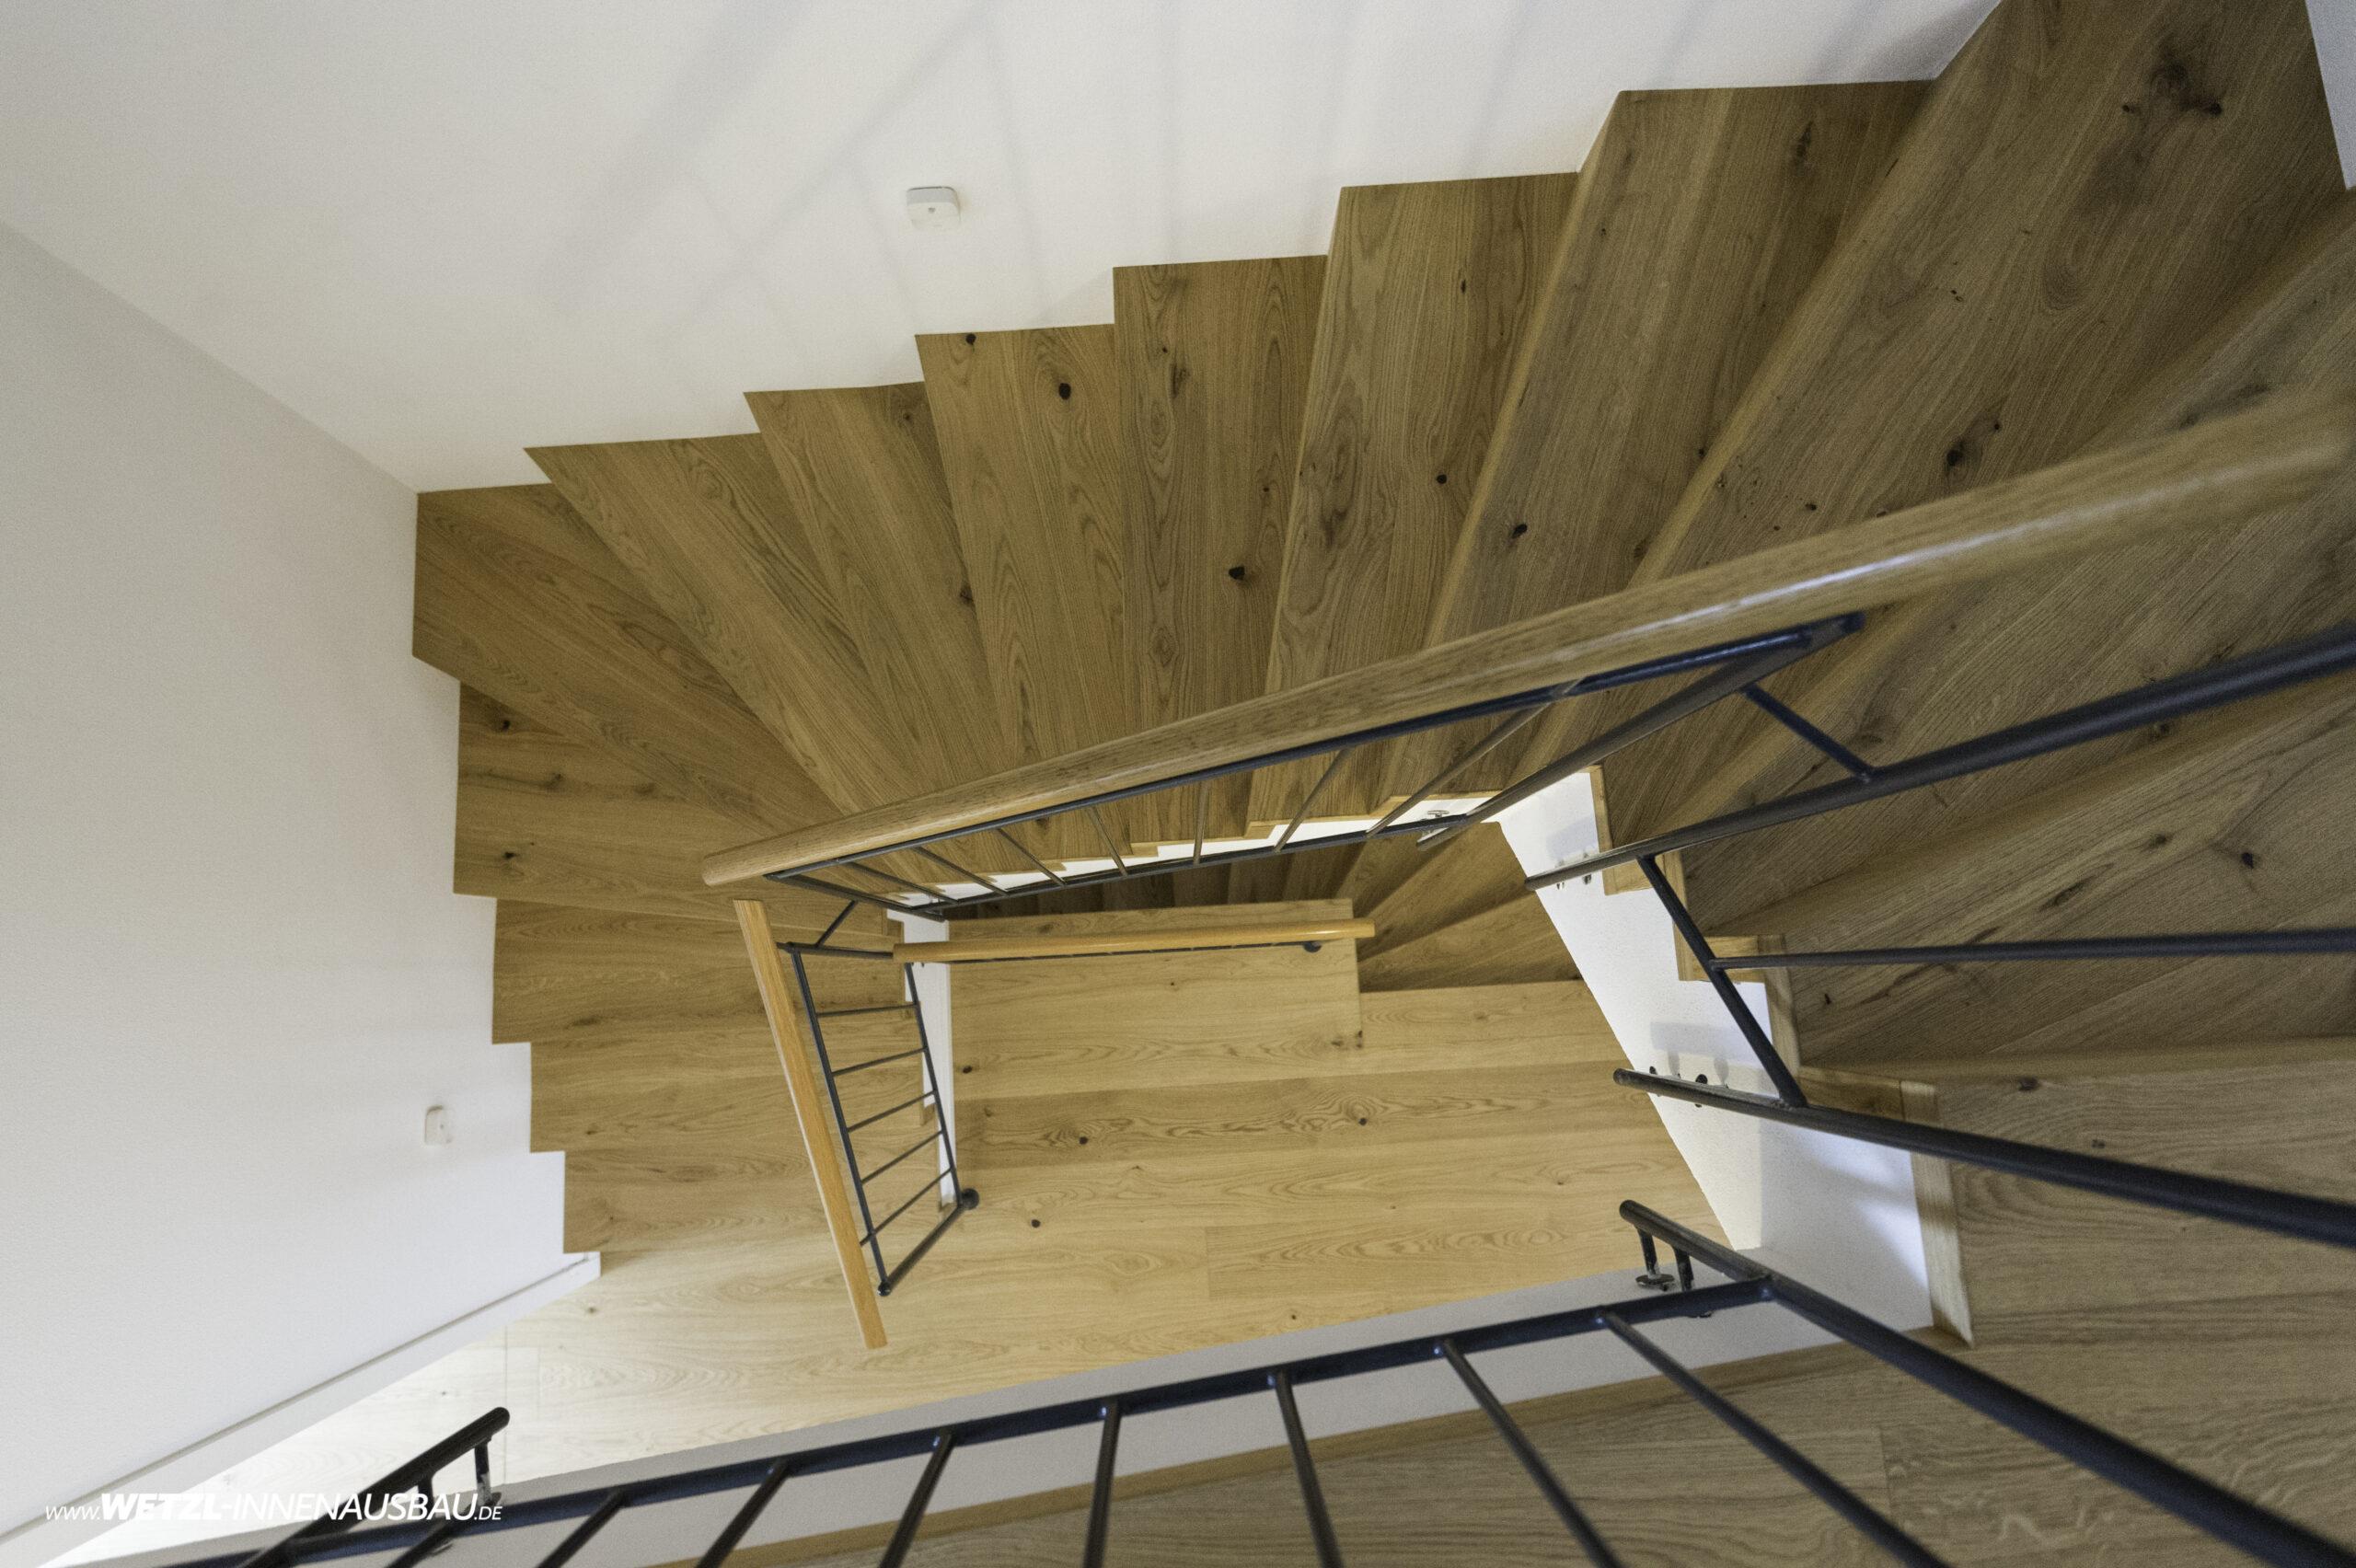 https://wetzl-innenausbau.de/wp-content/uploads/2020/07/wetzl-innenausbau-muenchen-treppenhaus-erneuert-5-scaled.jpg